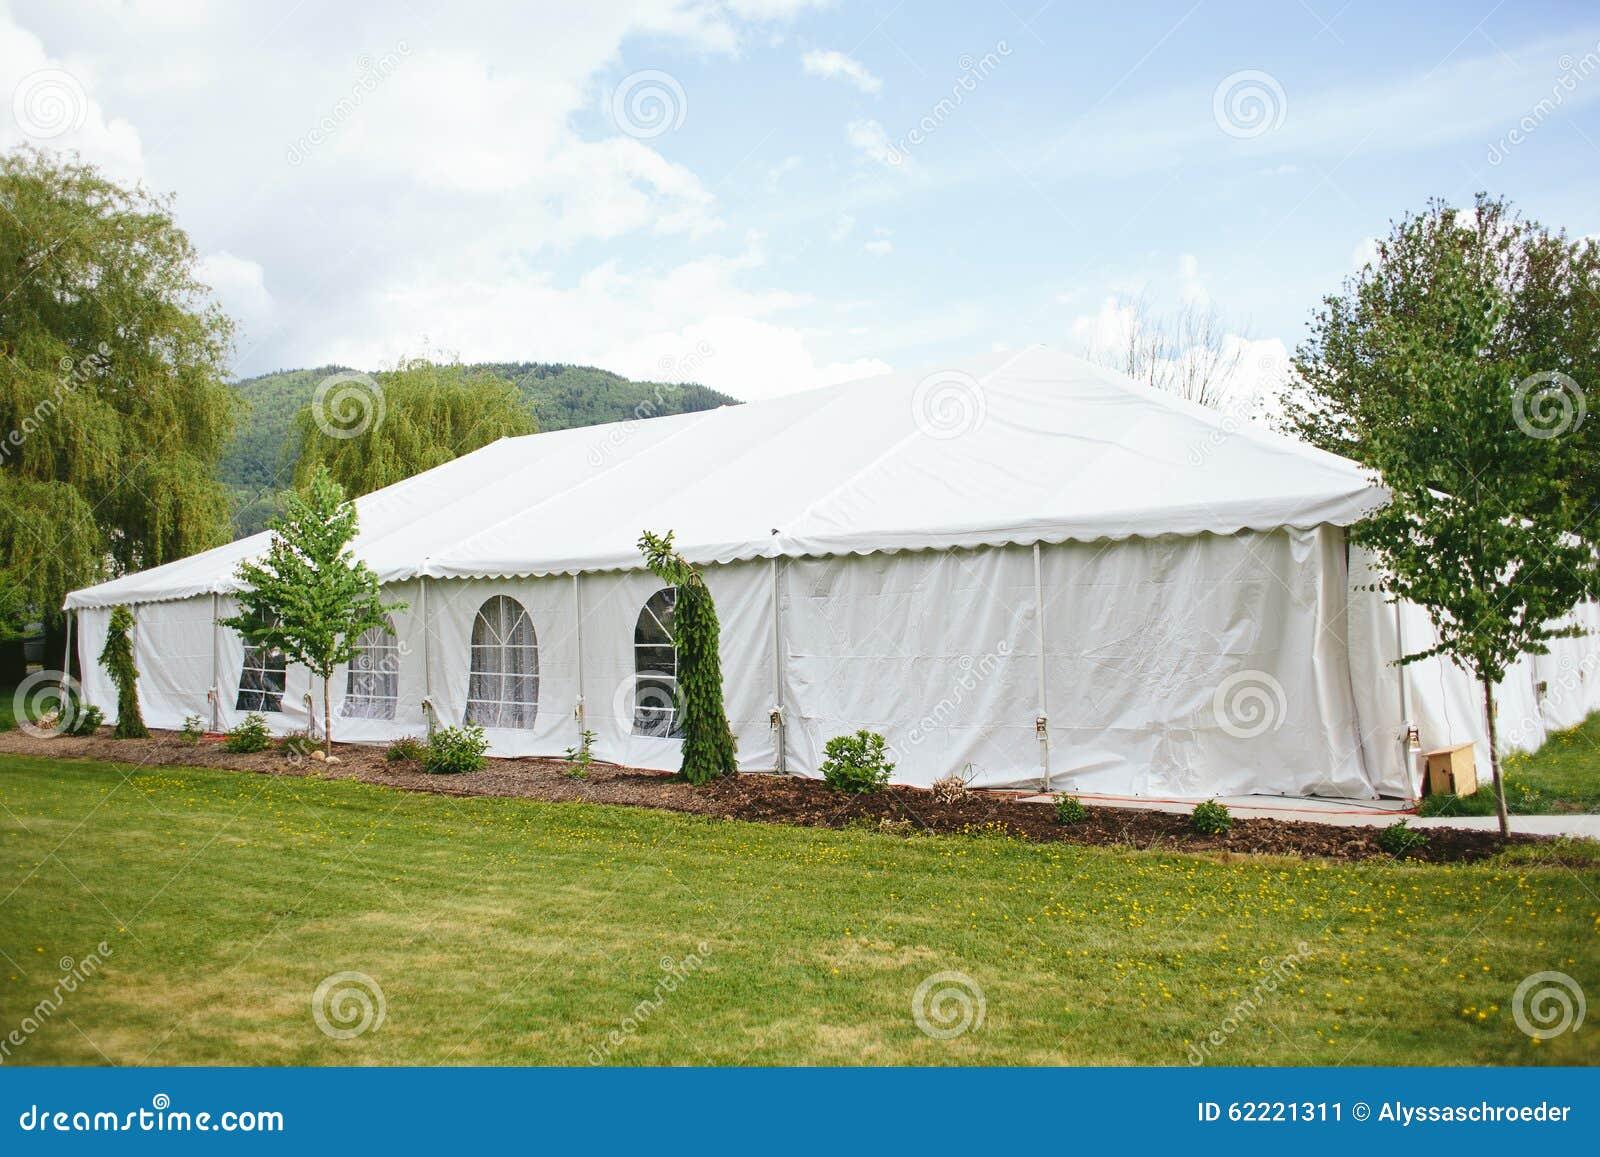 Zelt Hochzeit Im Freien Mit Bergen Stockbild Bild Von Aufnahme